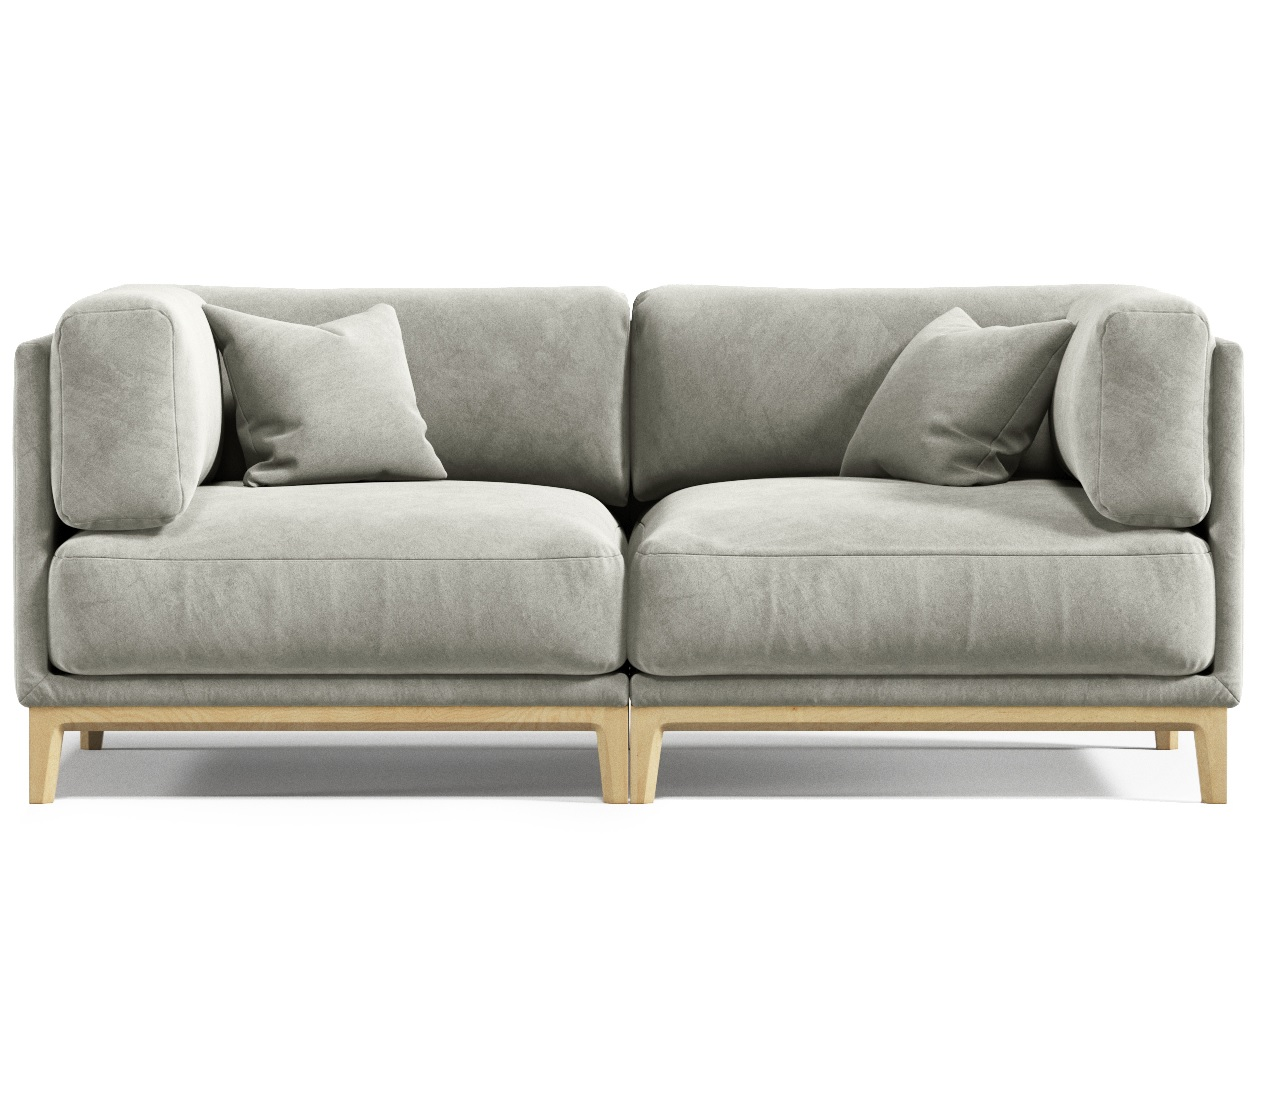 Диван Case 6Модульные диваны<br>&amp;lt;div&amp;gt;Эта модель двухместного дивана подойдет в любые помещения благодаря модульной конструкции, современному дизайну и эргономичному наполнителю. Объемные подушки из прорезиненного пенополиуретана нескольких степеней жесткости вместе с удобной глубокой посадкой создают необычайно комфортную зону отдыха и легко восстанавливают форму.&amp;lt;br&amp;gt;&amp;lt;/div&amp;gt;&amp;lt;div&amp;gt;&amp;lt;br&amp;gt;&amp;lt;/div&amp;gt;&amp;lt;div&amp;gt;Все чехлы съемные, их легко стирать. Диваны не имеют оборотной стороны и могут устанавливаться в центре помещения. В комплекте с диваном поставляются декоративные подушки.&amp;amp;nbsp;&amp;lt;div&amp;gt;Диван Case доступен к заказу в нескольких категориях ткани и с 5 вариантами тонировки ножек. Кроме того, возможен заказ дивана Case в индивидуальном размере и в собственной ткани.&amp;lt;/div&amp;gt;&amp;lt;div&amp;gt;Вы можете выбрать любой цвет обивки из палитры. В категории 2 цена без изменения. Категории 1 и 3 цена по запросу у менеджера.&amp;amp;nbsp;&amp;lt;div&amp;gt;Также возможны нестандартные варианты сочетания обивки и отделки дивана. Гарантия на изделия составляет 3 года.&amp;lt;/div&amp;gt;&amp;lt;/div&amp;gt;&amp;lt;/div&amp;gt;<br><br>Material: Текстиль<br>Ширина см: 188<br>Высота см: 80<br>Глубина см: 94